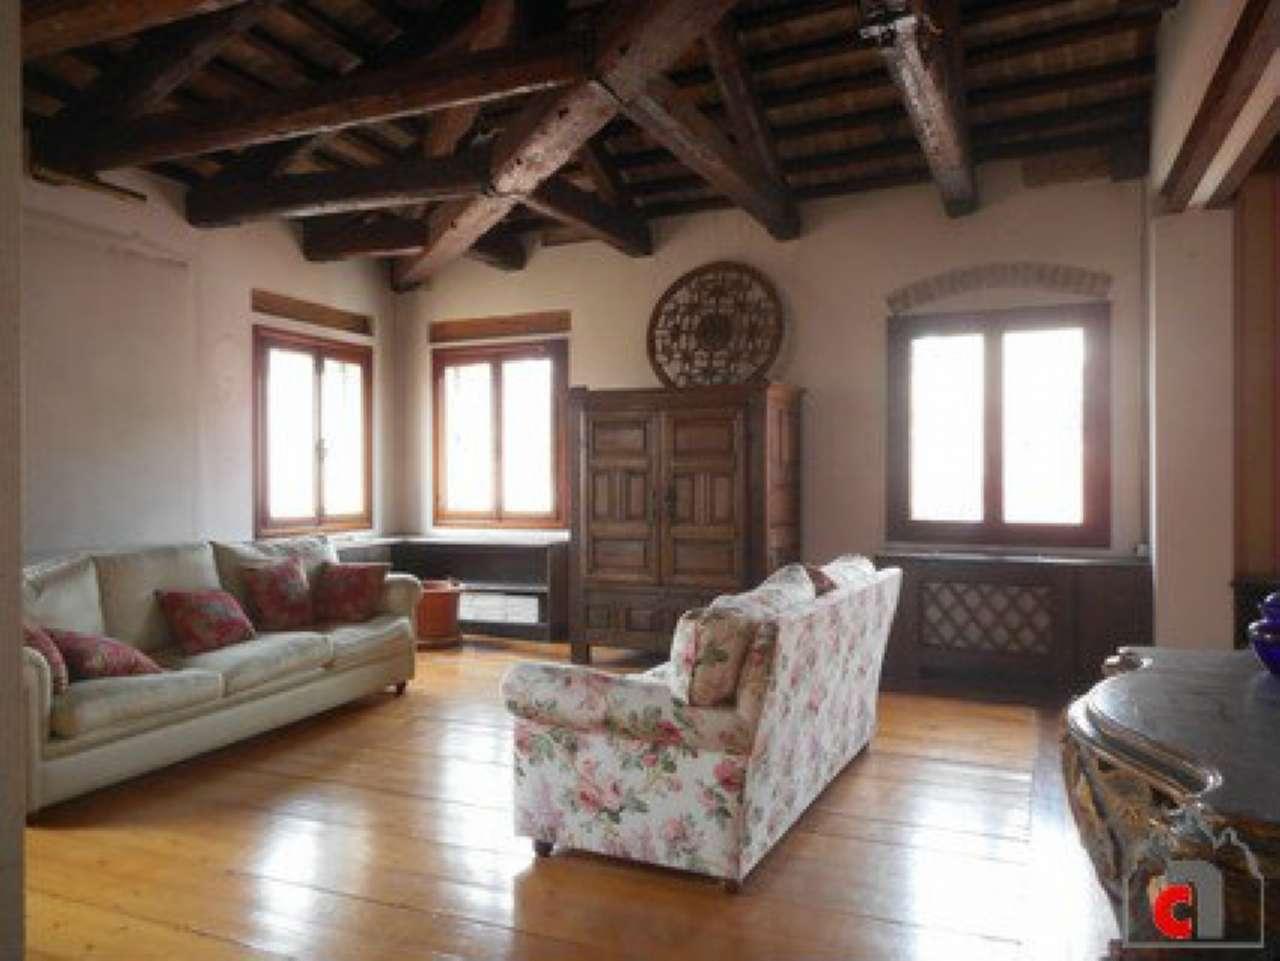 Appartamento in vendita a Padova, 9 locali, zona Zona: 1 . Centro, prezzo € 1.000.000 | Cambio Casa.it